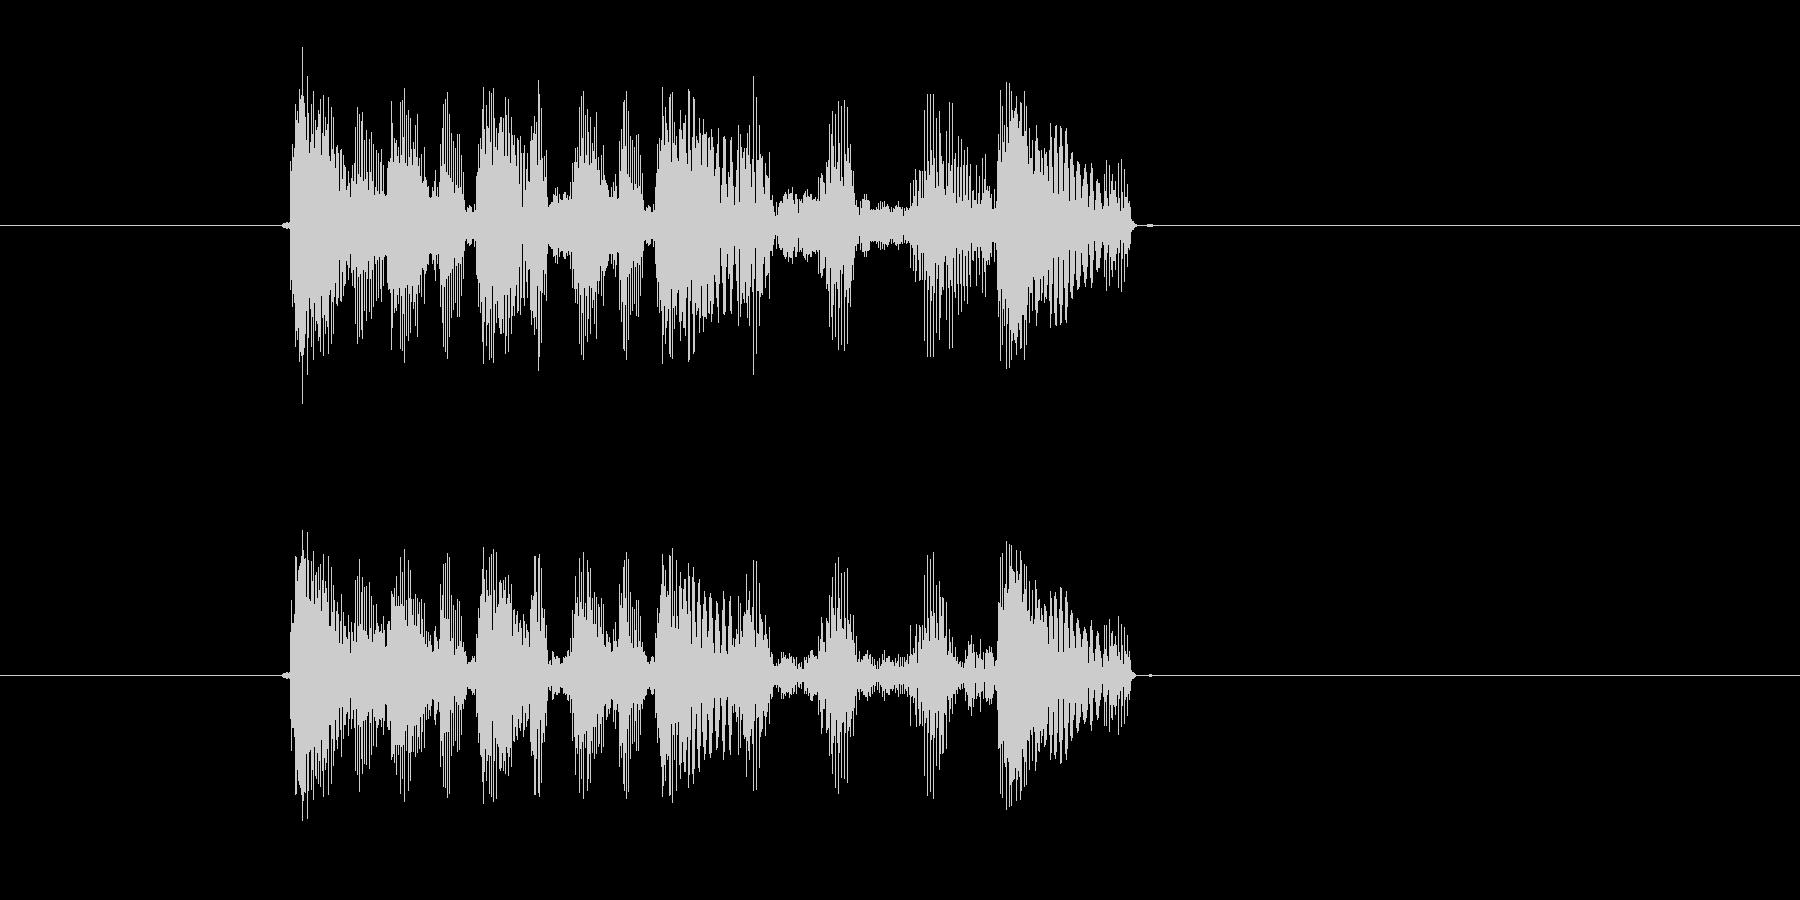 トゥルートットットッ(追われてる、焦り)の未再生の波形